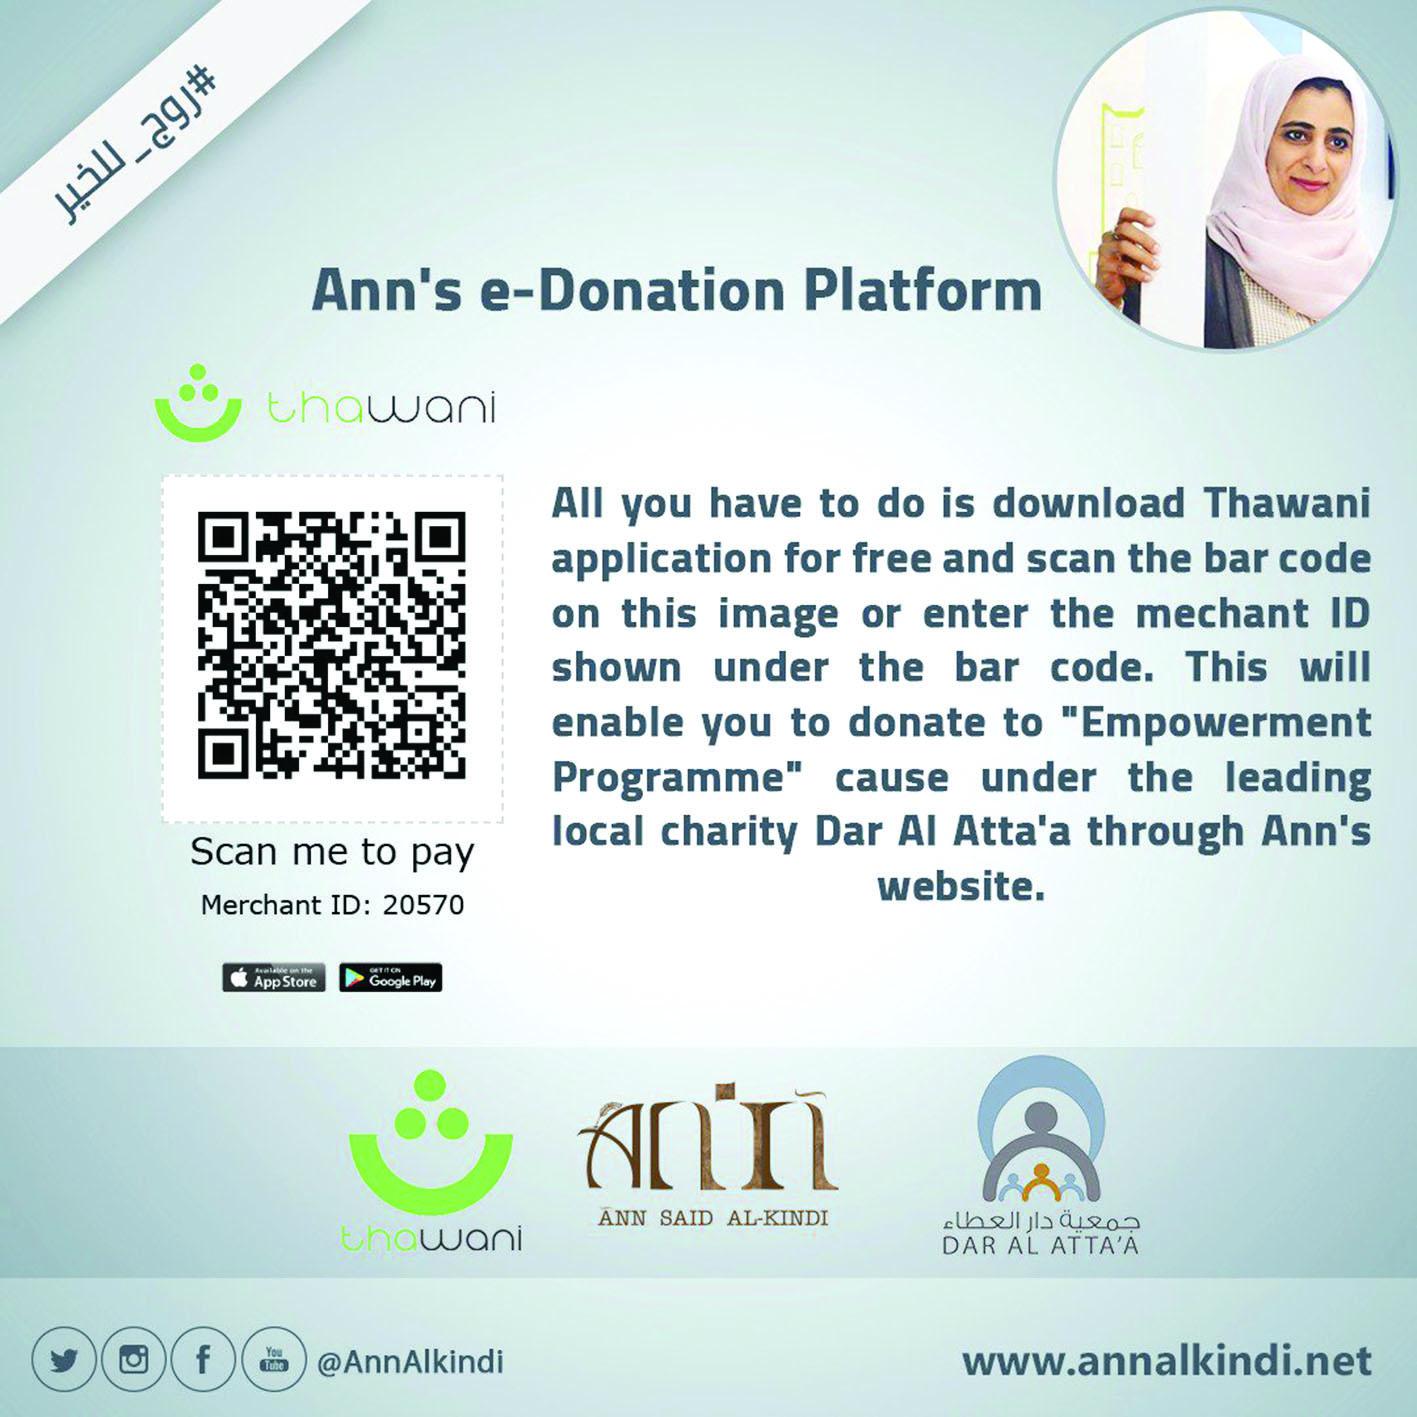 «دار العطاء» تعتمد «ثواني» كقناة تبرع إلكترونية